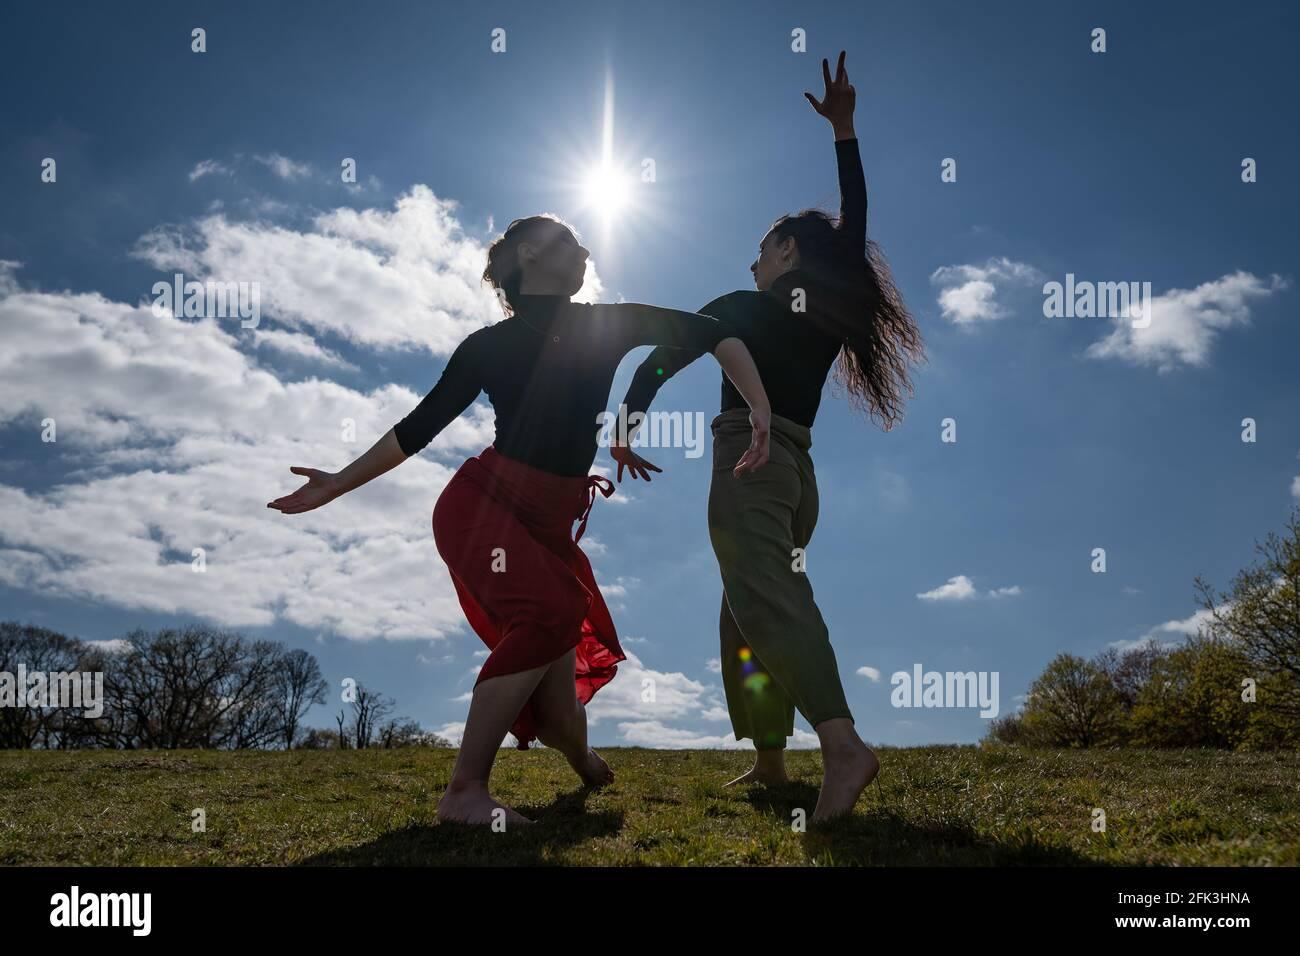 Londres, Royaume-Uni. 28 avril 2021. Journée internationale de la danse : les danseurs de Ranbu se produisent sur Hampstead Heath avant la Journée internationale de la danse le 29 avril (L-R Belinda Roy, Coralie Calfond). Le nouveau collectif de danse basé à Londres et au Japon vise à créer une plate-forme pour les danseurs contemporains de collaborer, de jouer et de partager des idées avec d'autres artistes. Célébrée pour la première fois en 1982, la Journée internationale de la danse a lieu chaque année depuis la naissance de Jean-Georges Noverre (1727-1810), créateur du ballet moderne. Credit: Guy Corbishley/Alamy Live News Banque D'Images